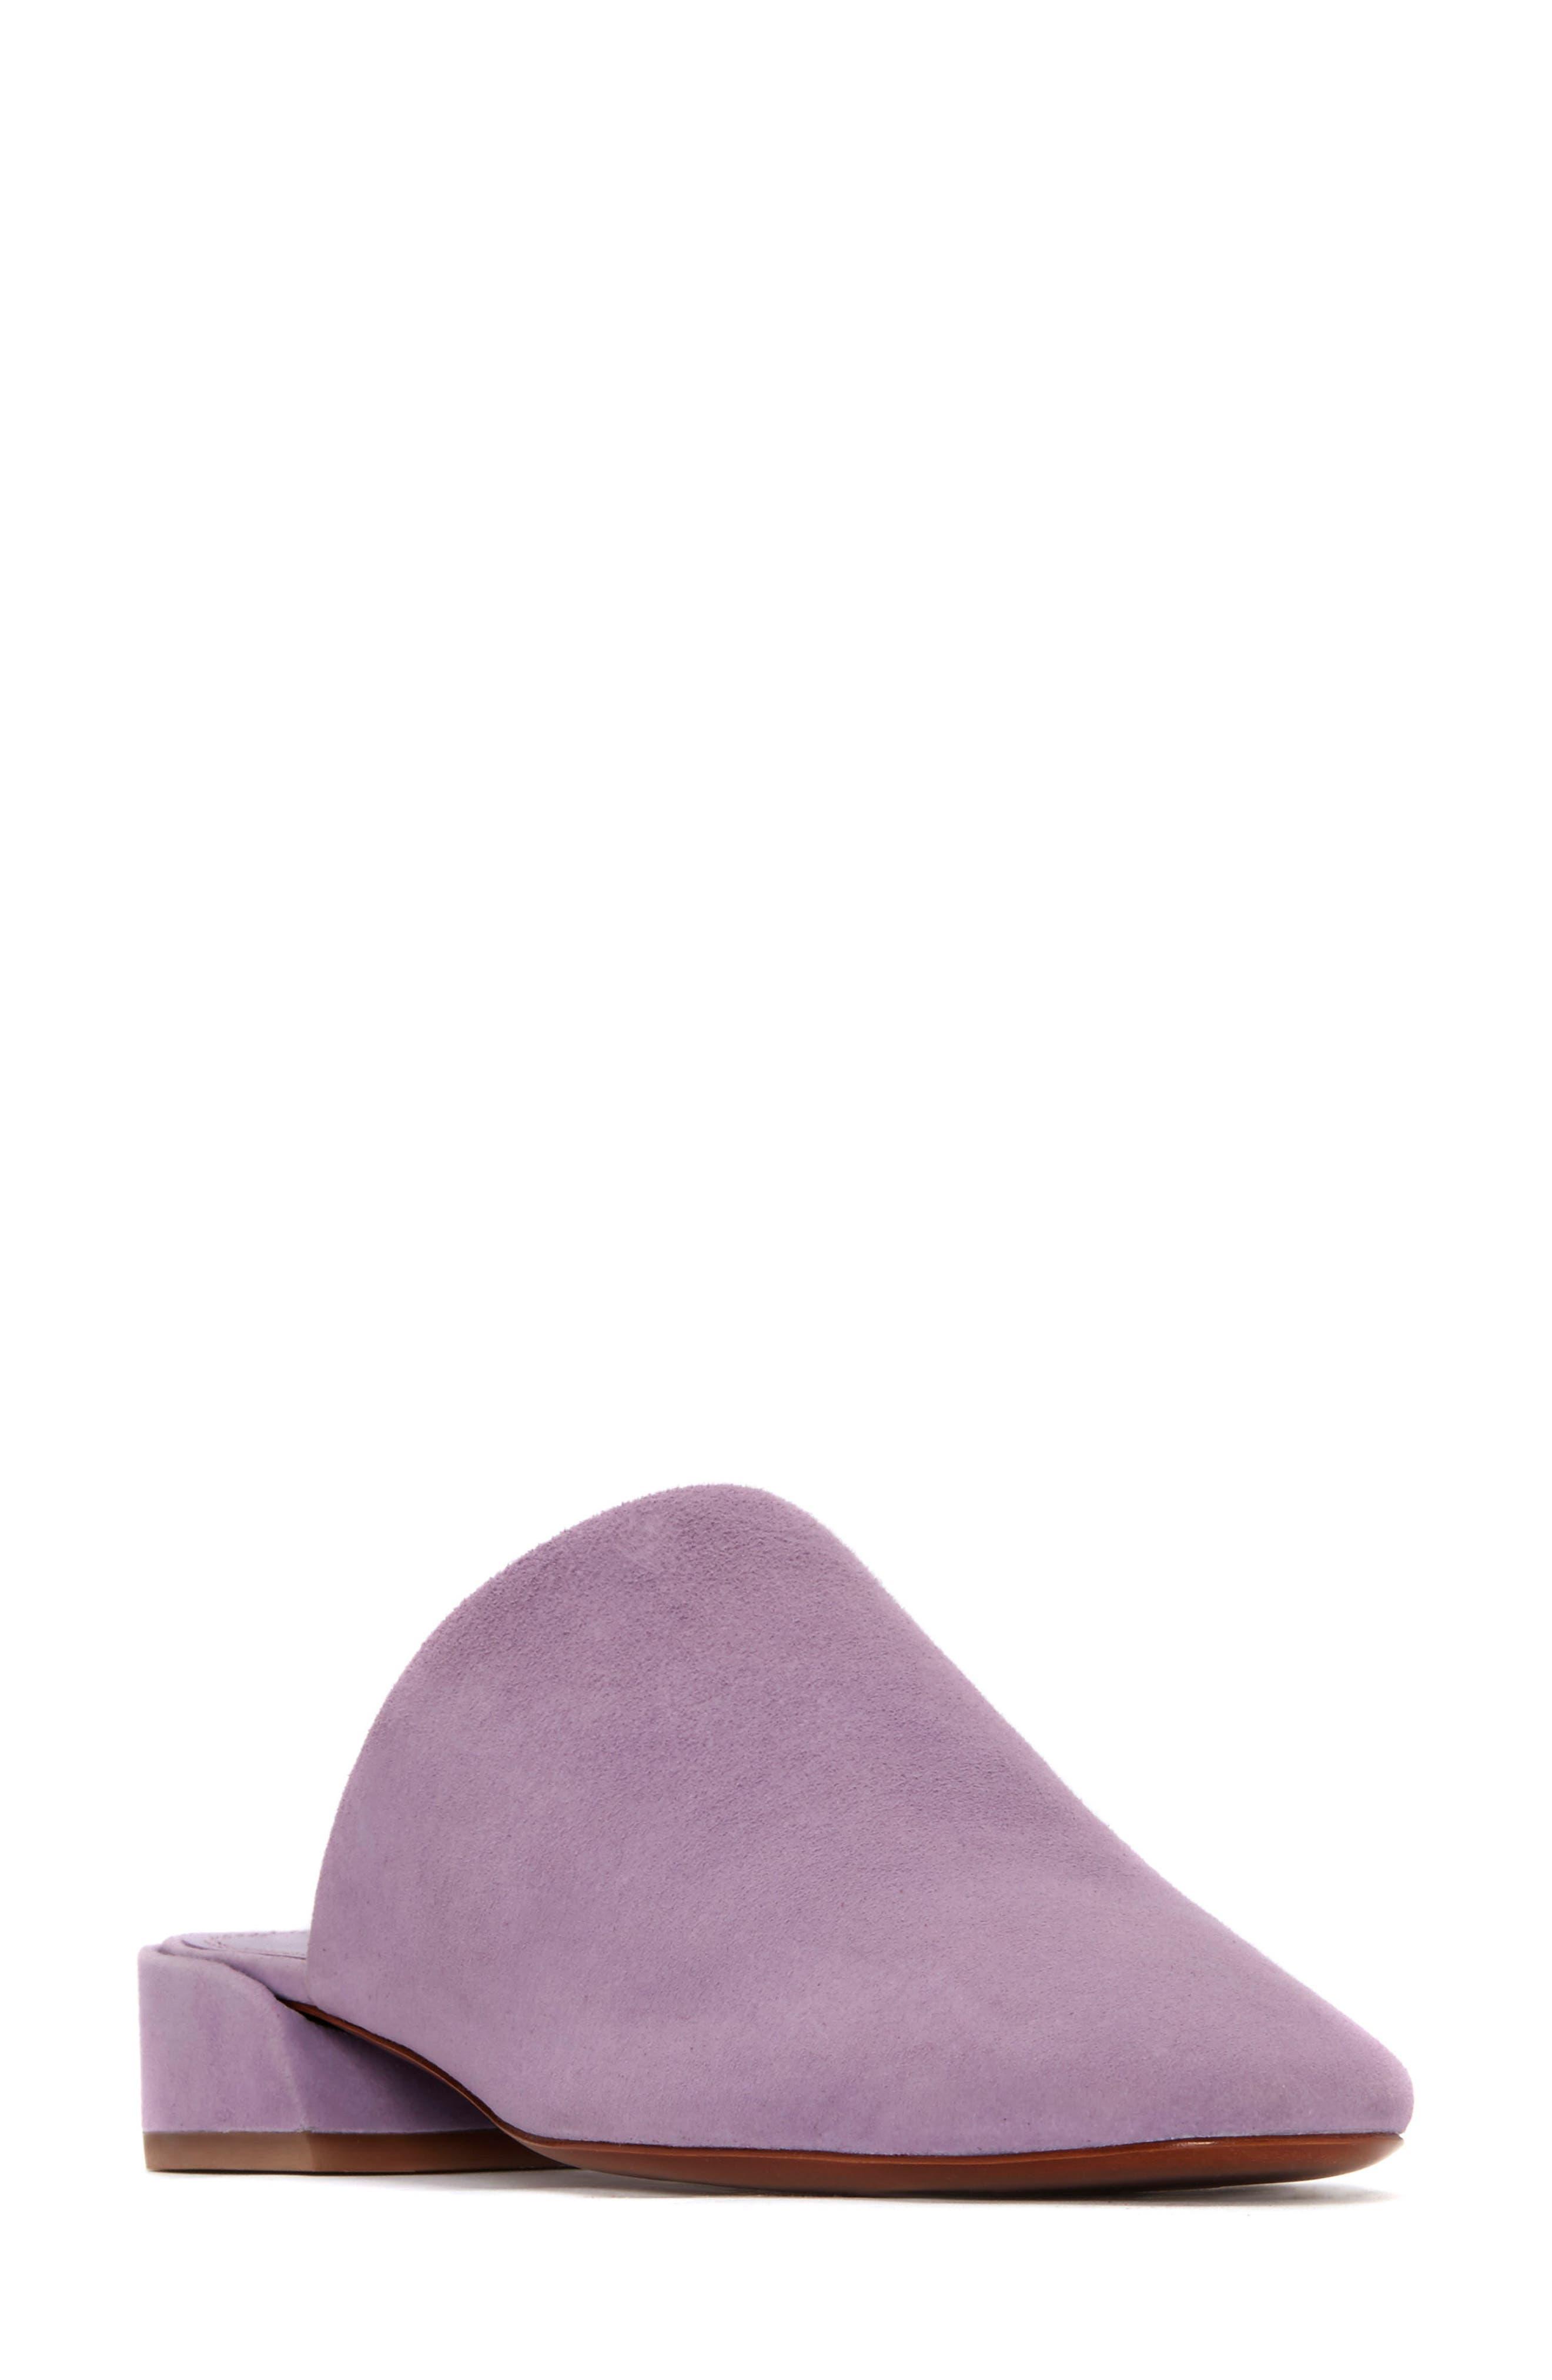 Zaira Mule,                             Main thumbnail 1, color,                             Lavender Suede